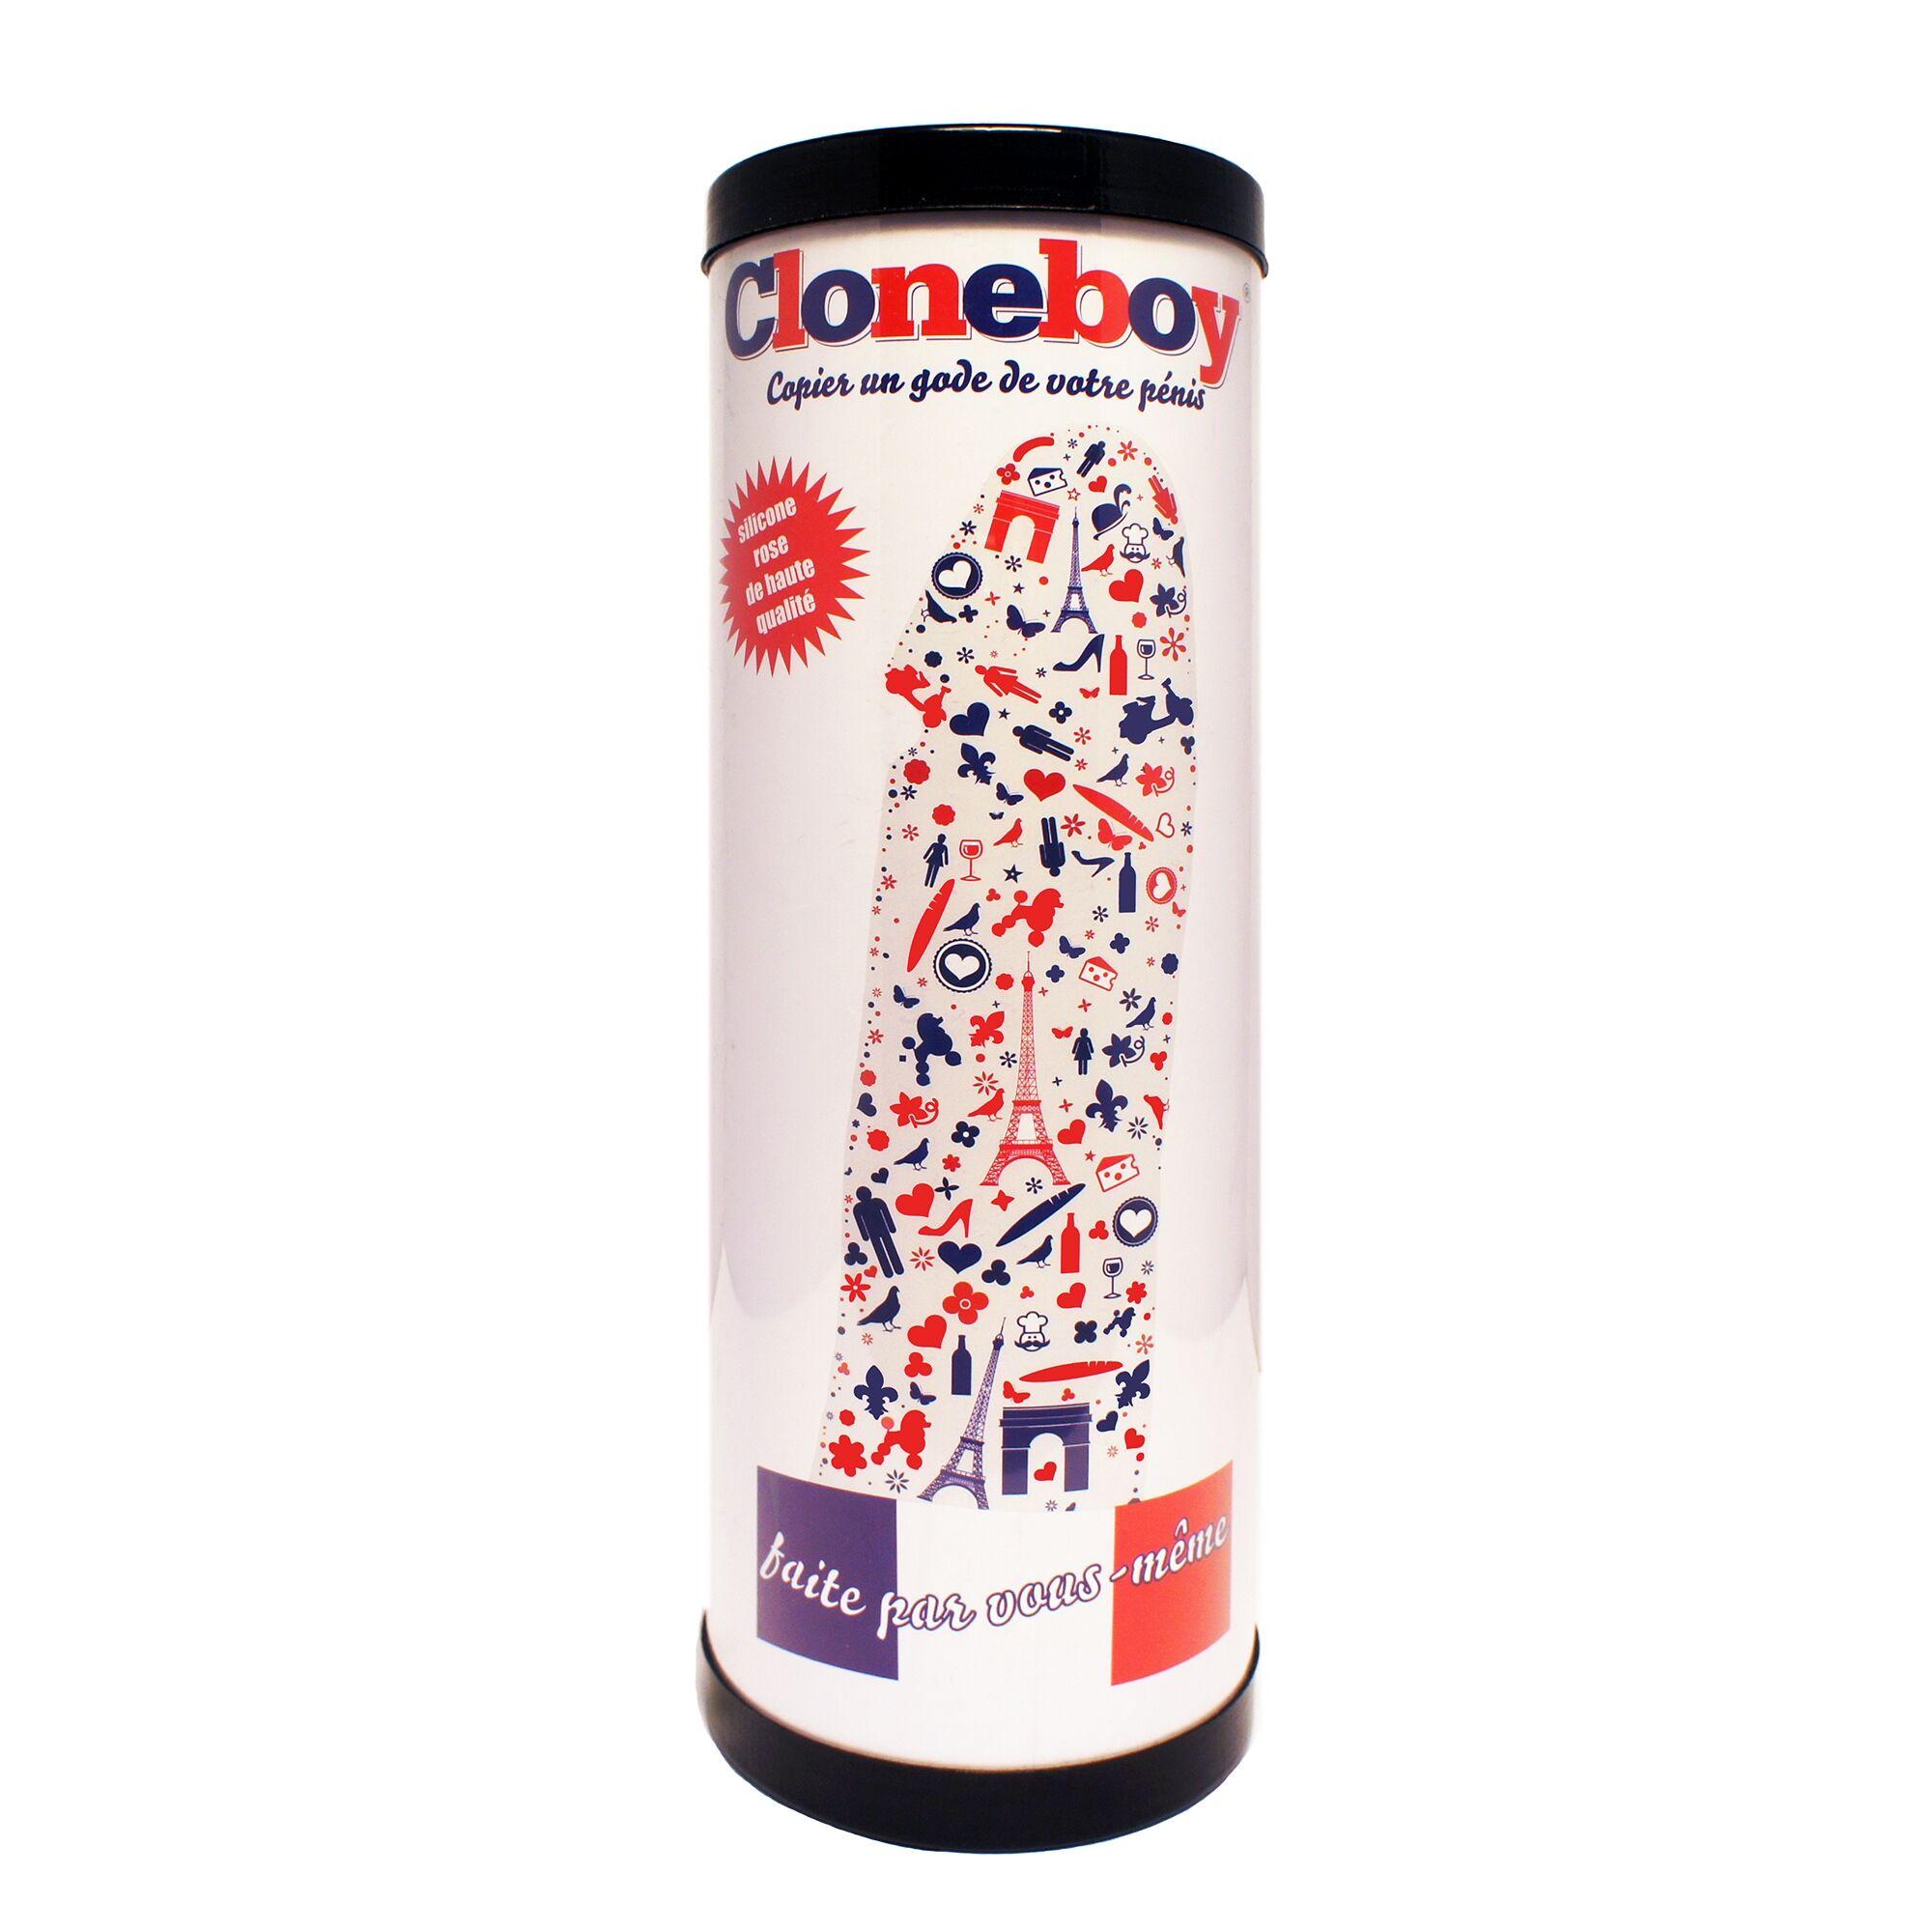 Cloneboy Dildo Personnalisable Edition Limitée France